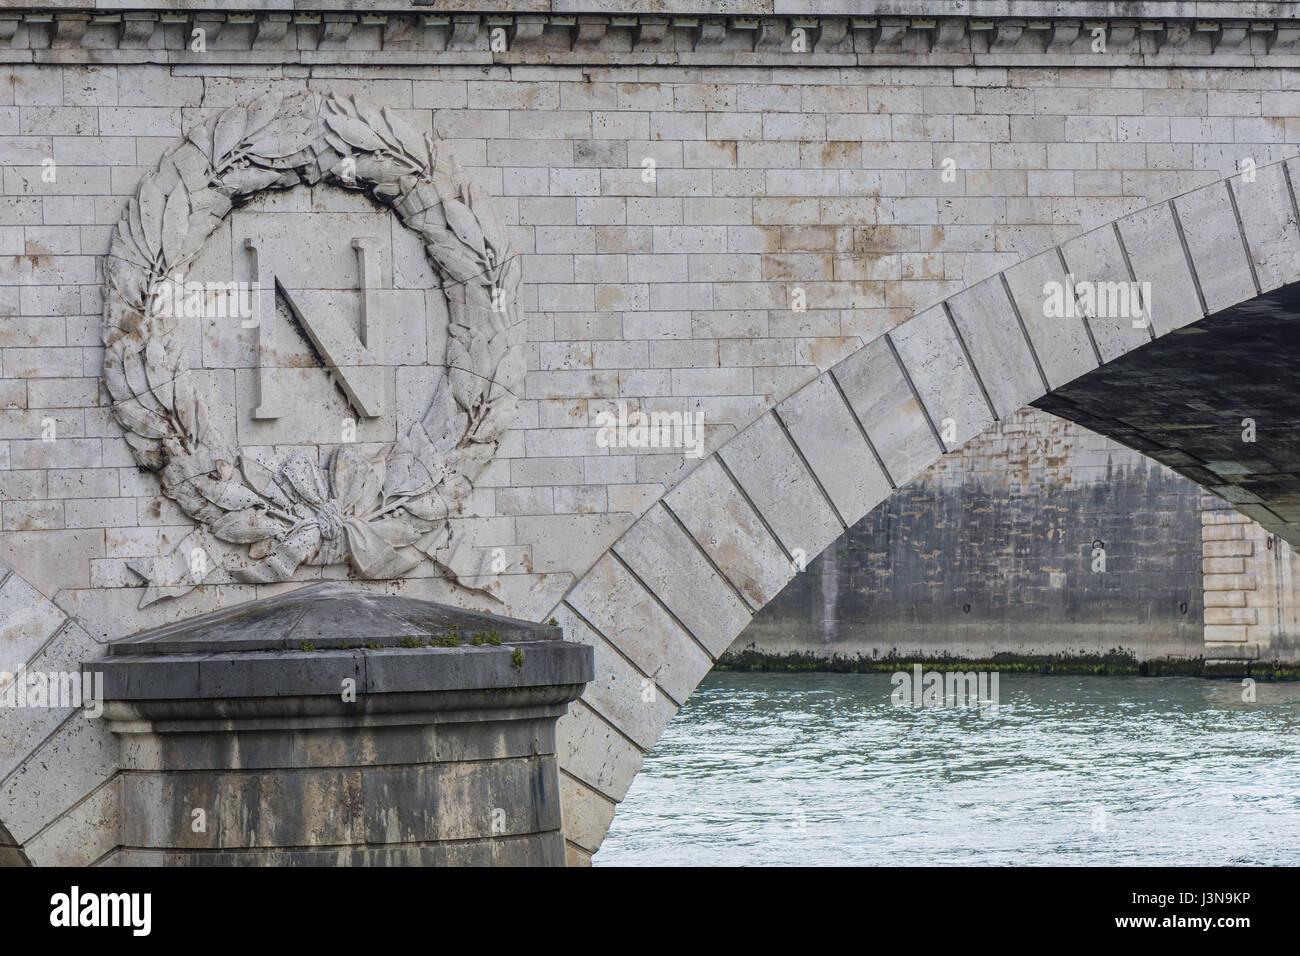 Paris, France 29th Paril 2017: Pont au change bridge on the Seine river in Paris with Napoleon symbol - Stock Image